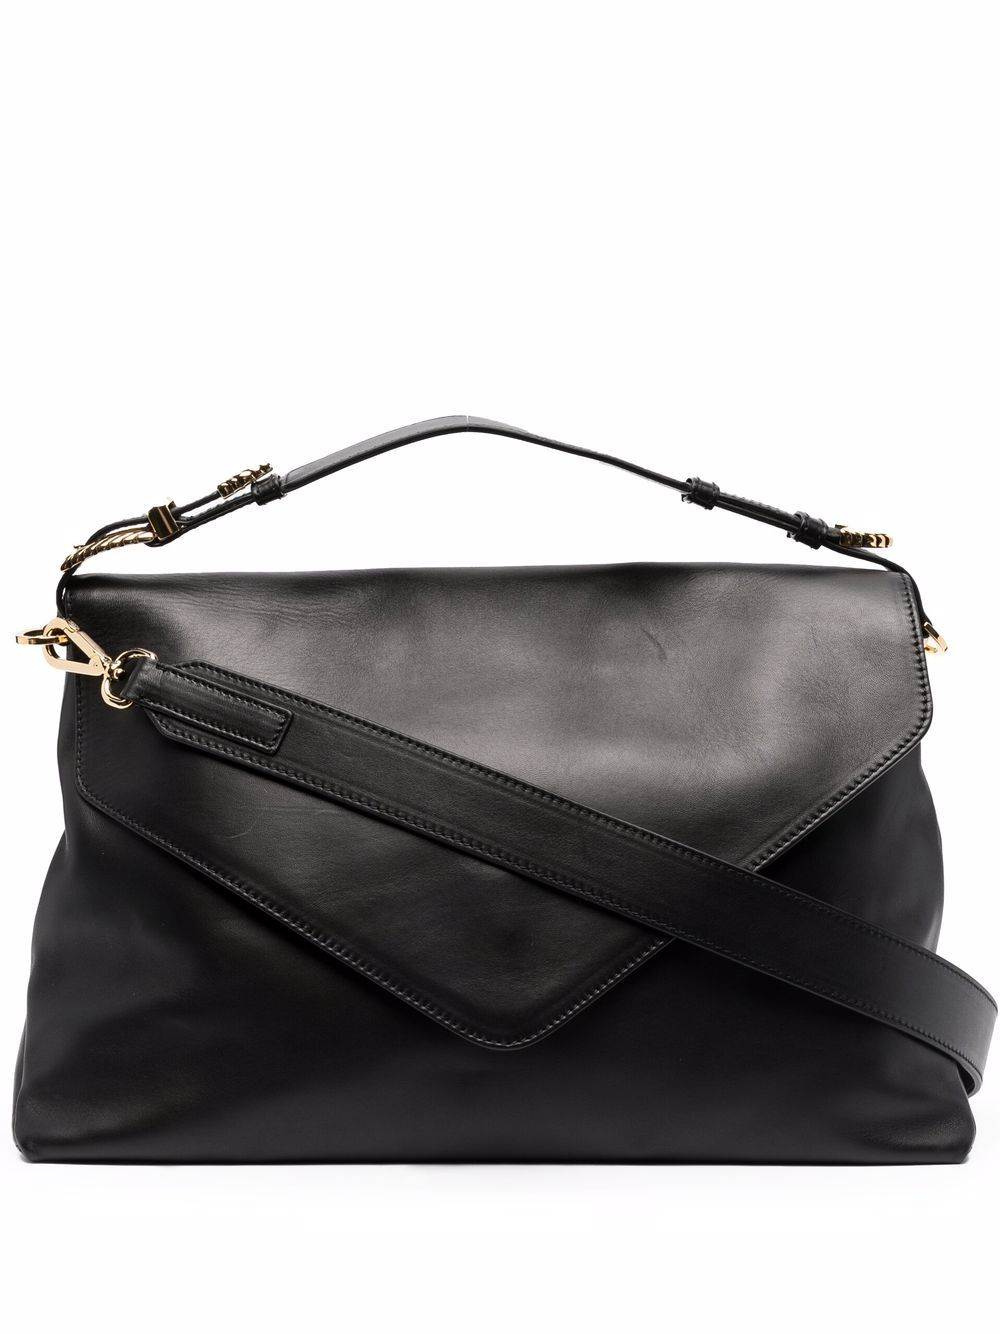 Alberta Ferretti Handtasche mit Schnalle - Schwarz